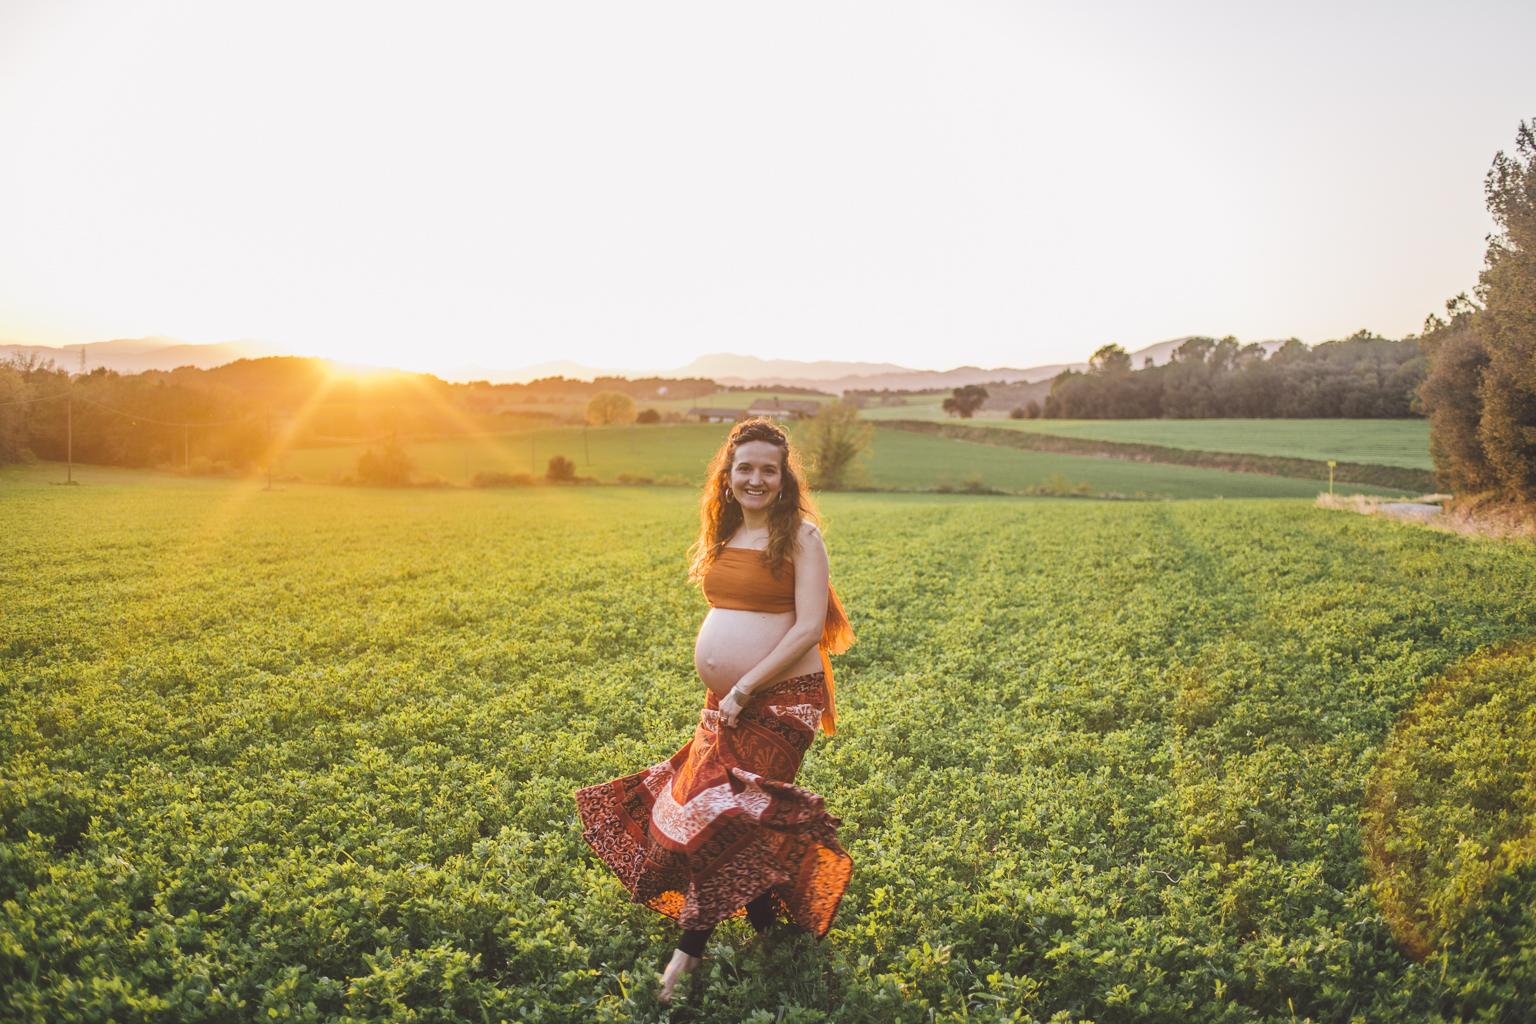 fotógrafo embarazo Sant Cugat :: Fotografía embarazada Barcelona :: Fotógrafía de embarazo natural :: Best Barcelona photographer :: Fotografía de embarazada